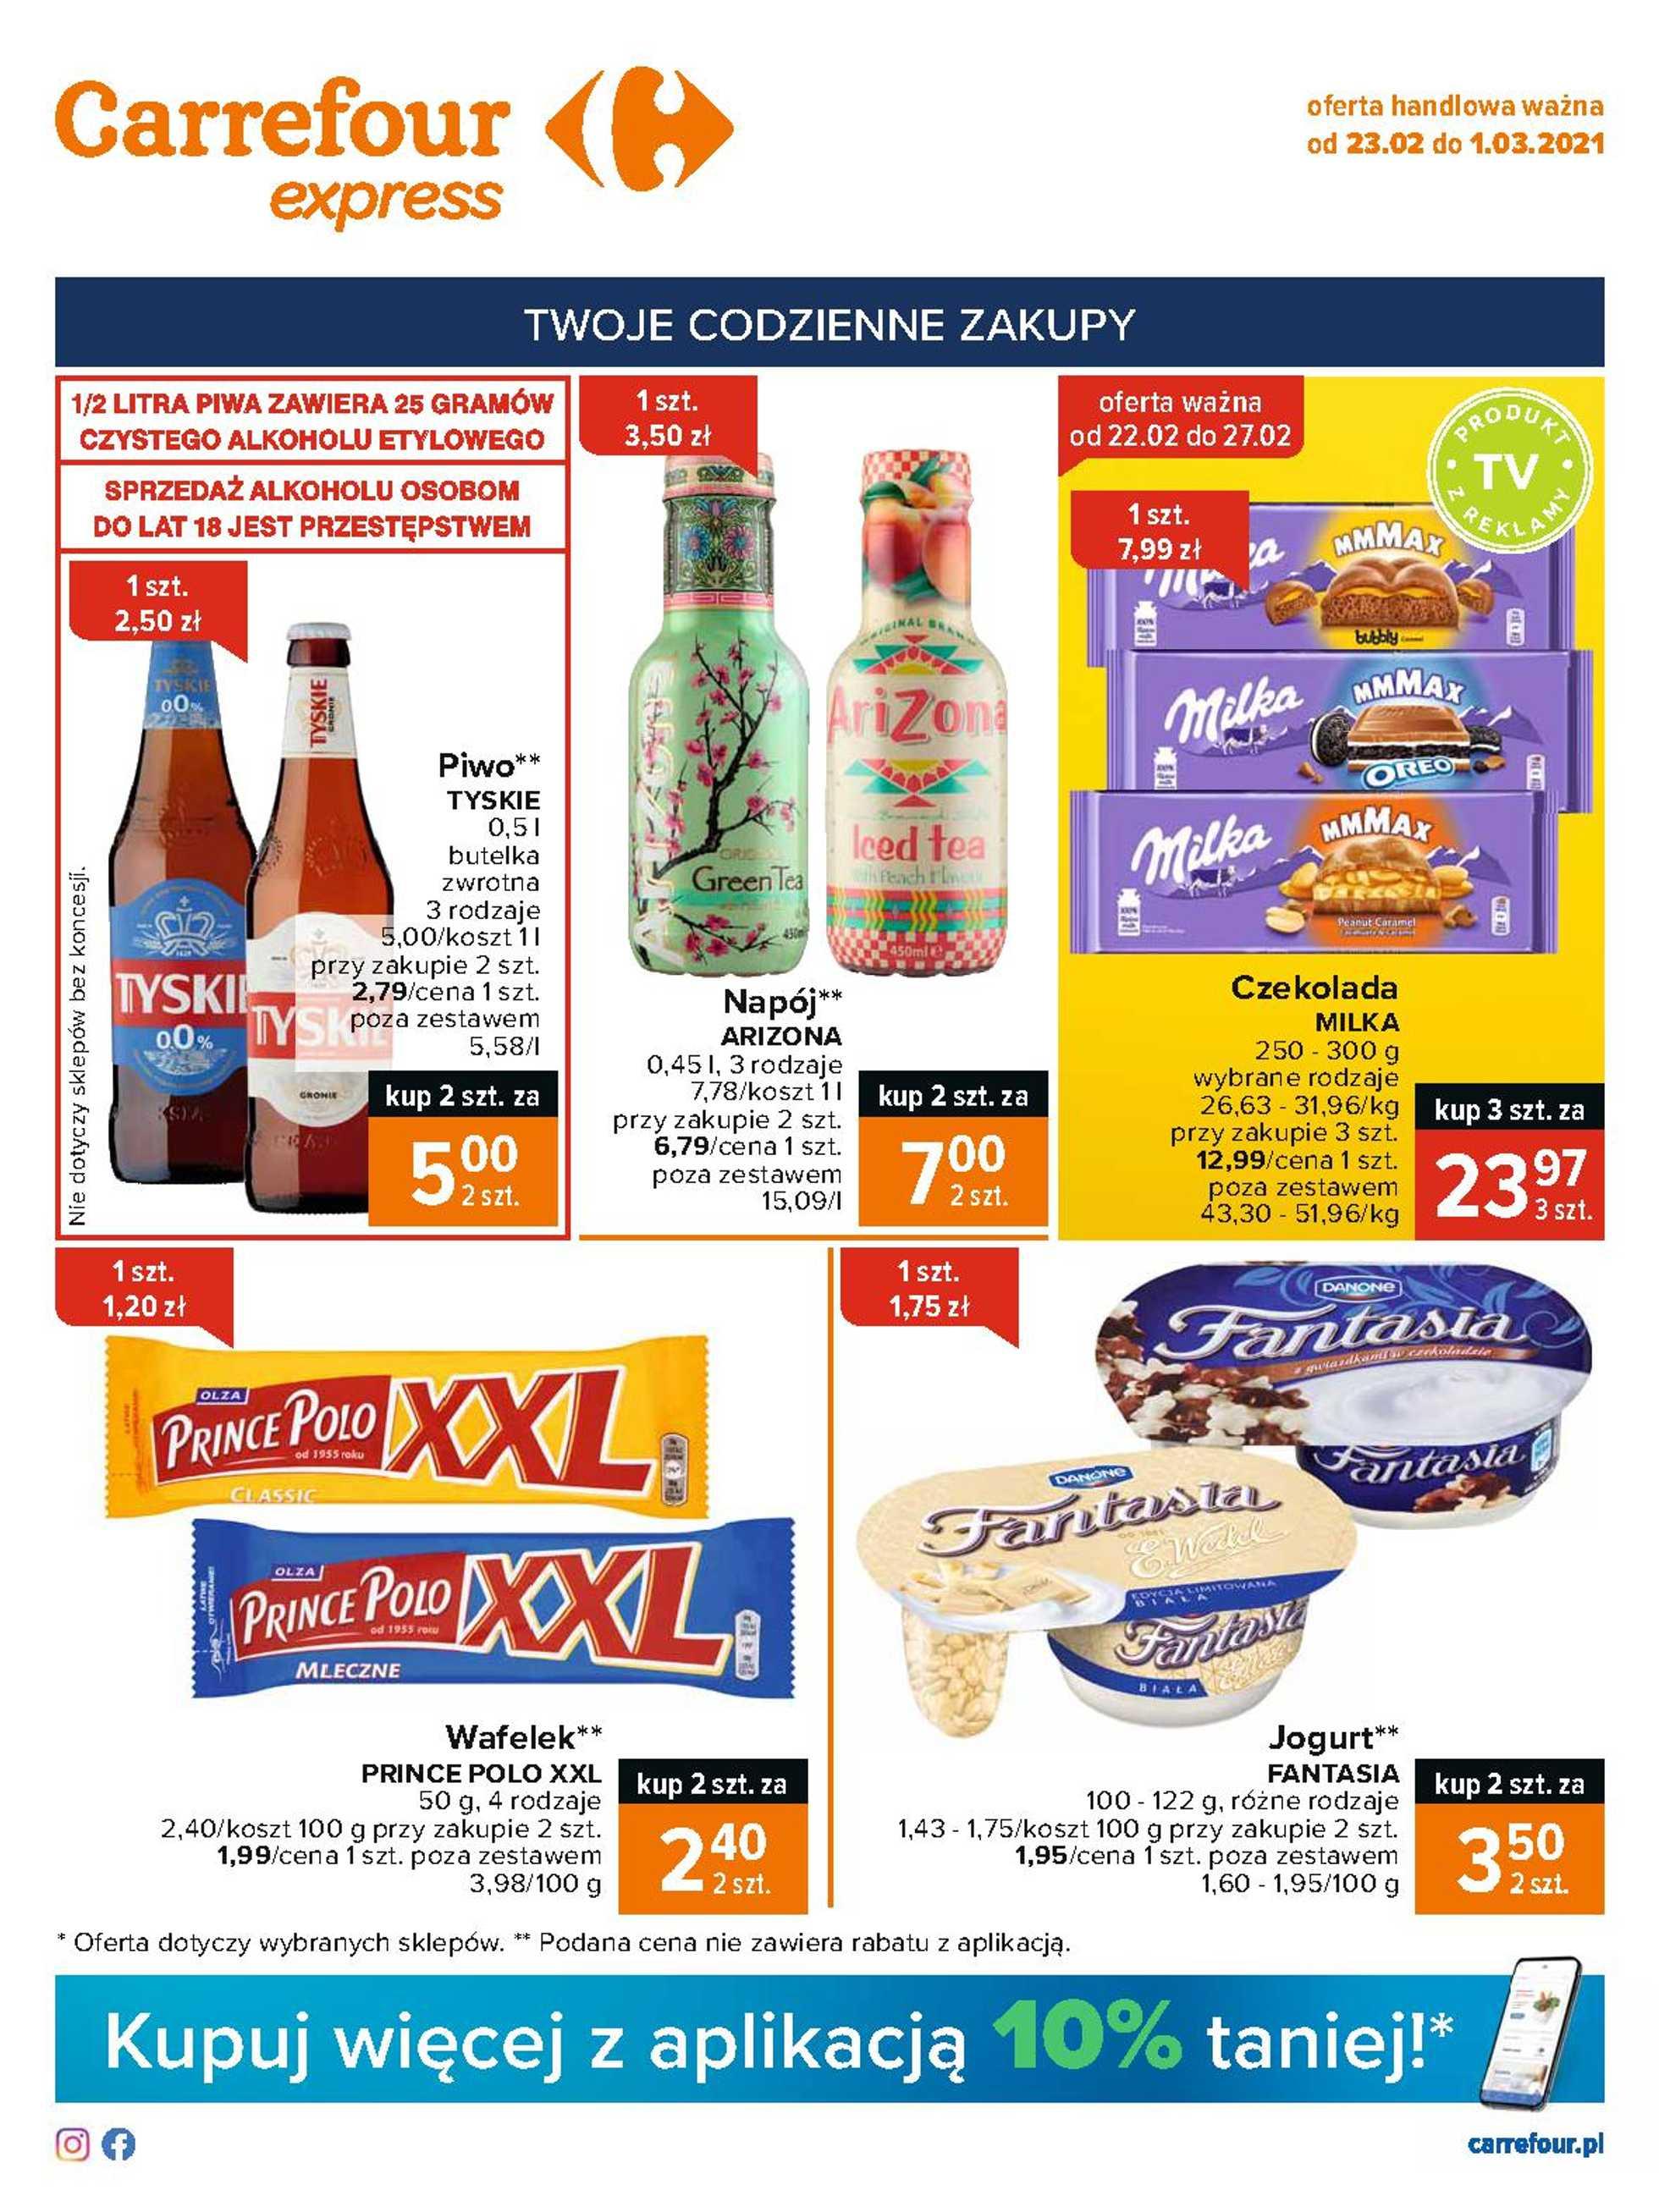 Carrefour Express - gazetka promocyjna ważna od 23.02.2021 do 01.03.2021 - strona 1.